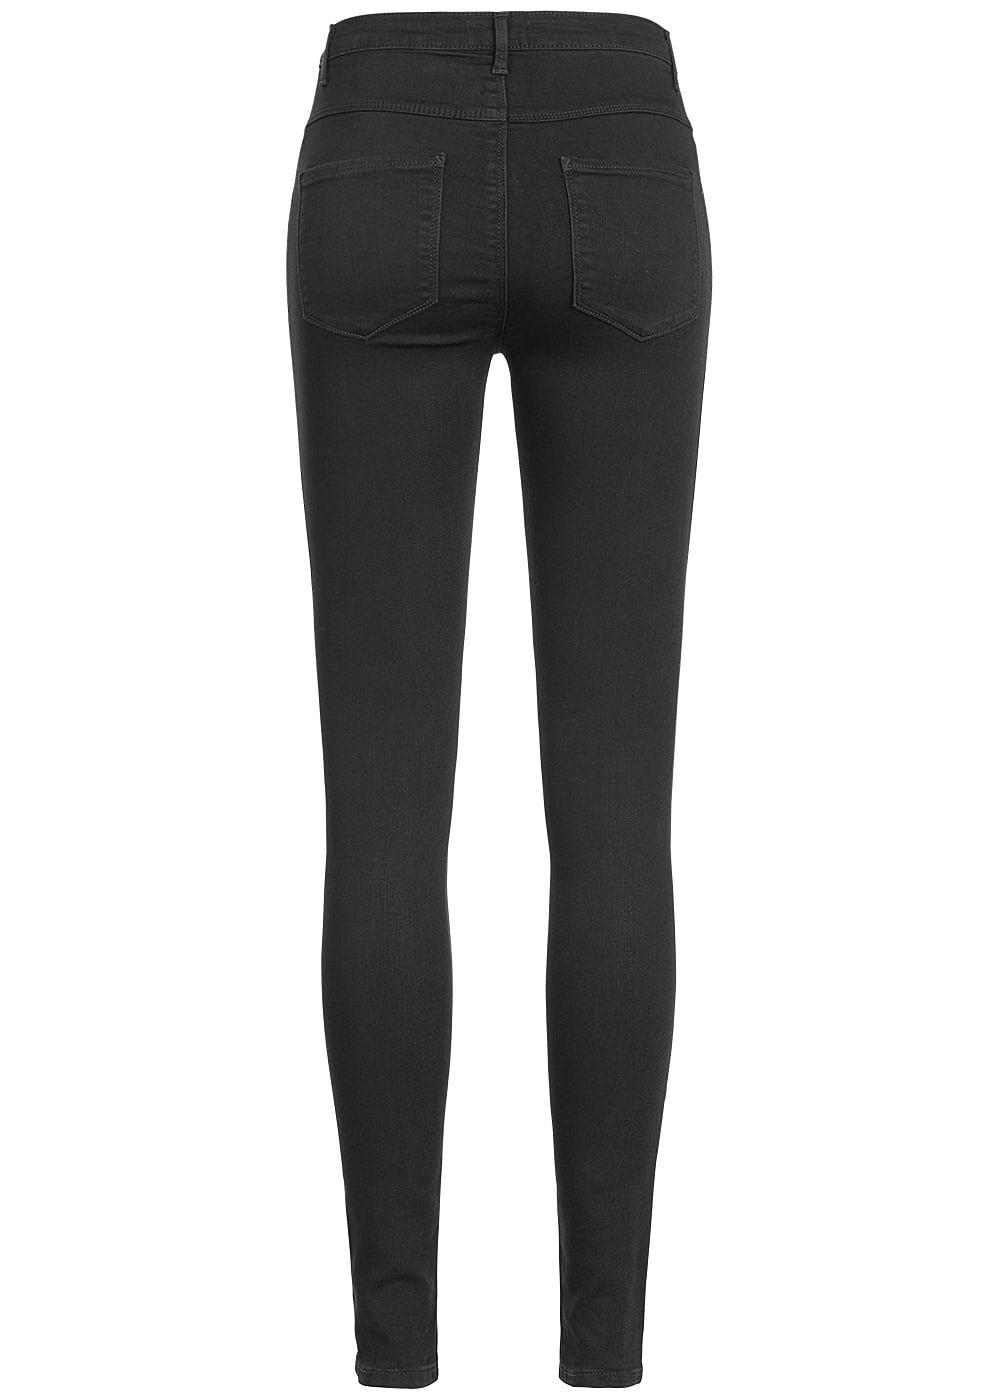 only damen skinny jeans hose high waist 5 pockets schwarz. Black Bedroom Furniture Sets. Home Design Ideas